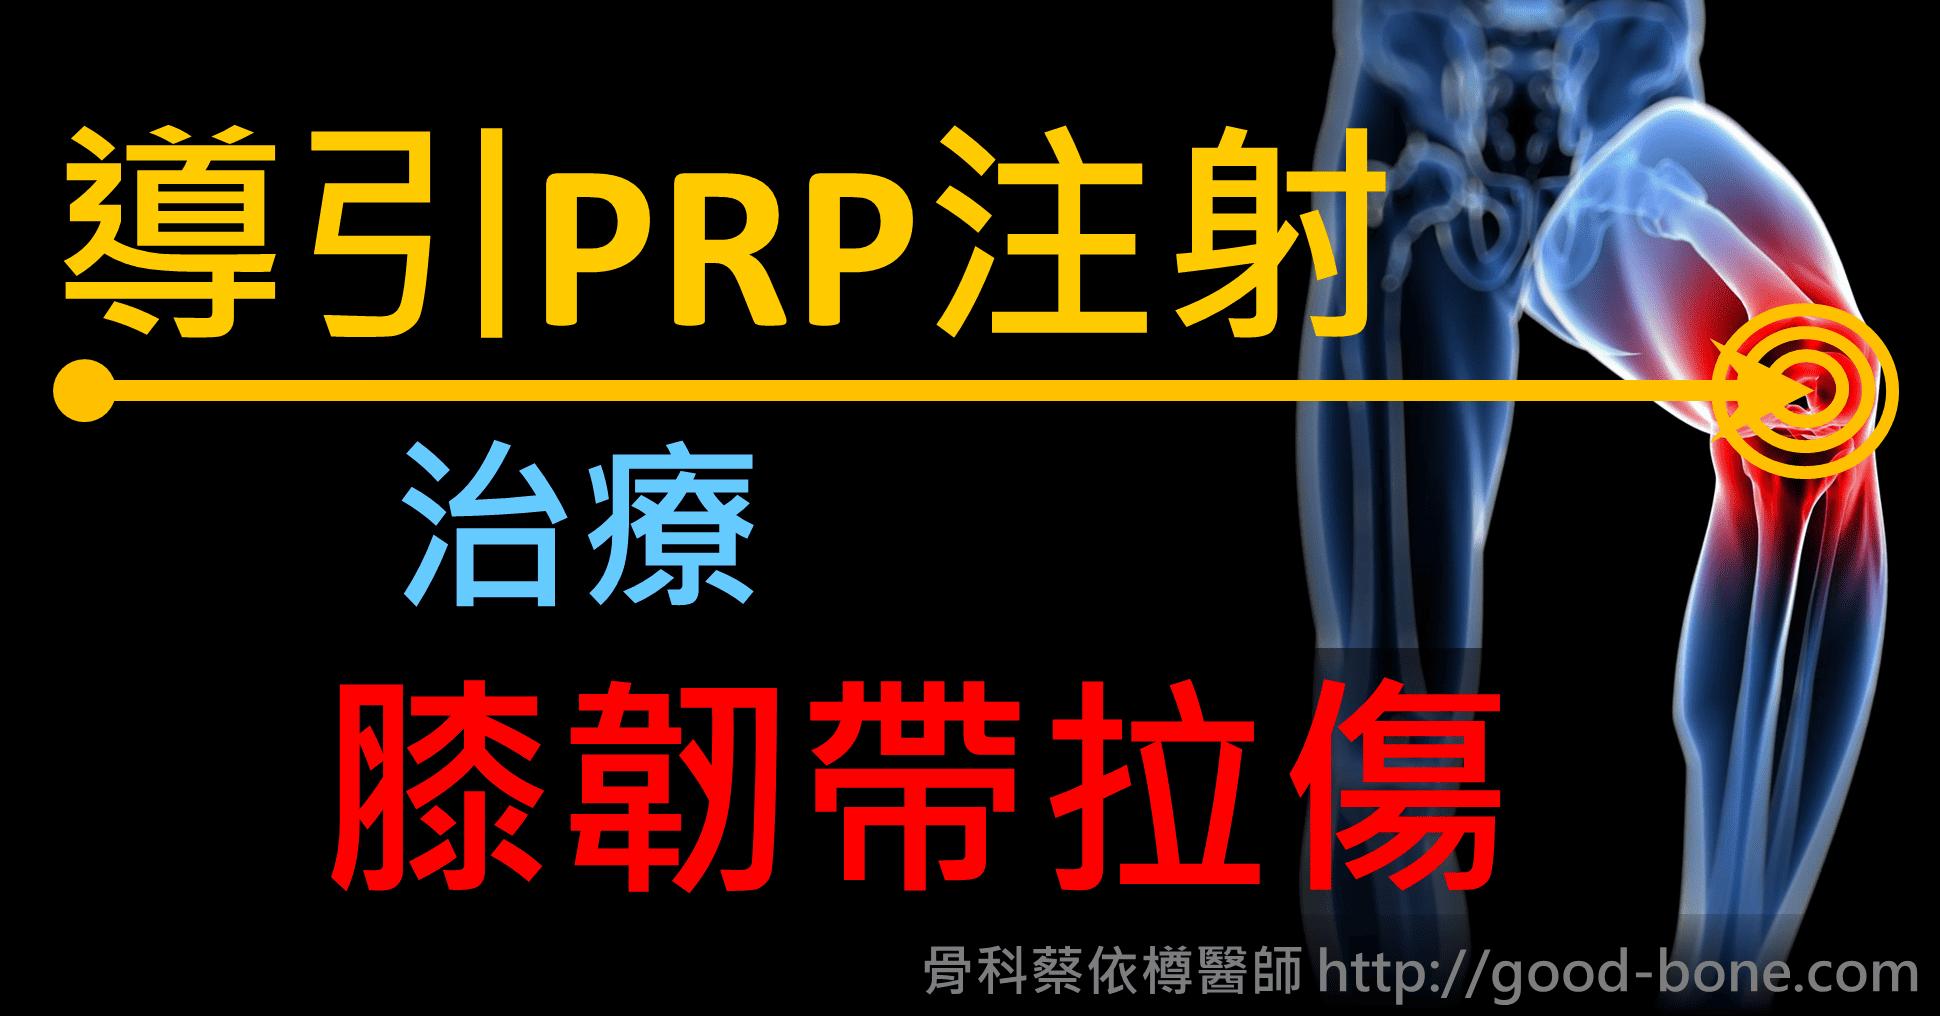 導引PRP注射治療膝韌帶拉傷|專業骨科推薦|台中骨科蔡依樽醫師https://good-bone.com